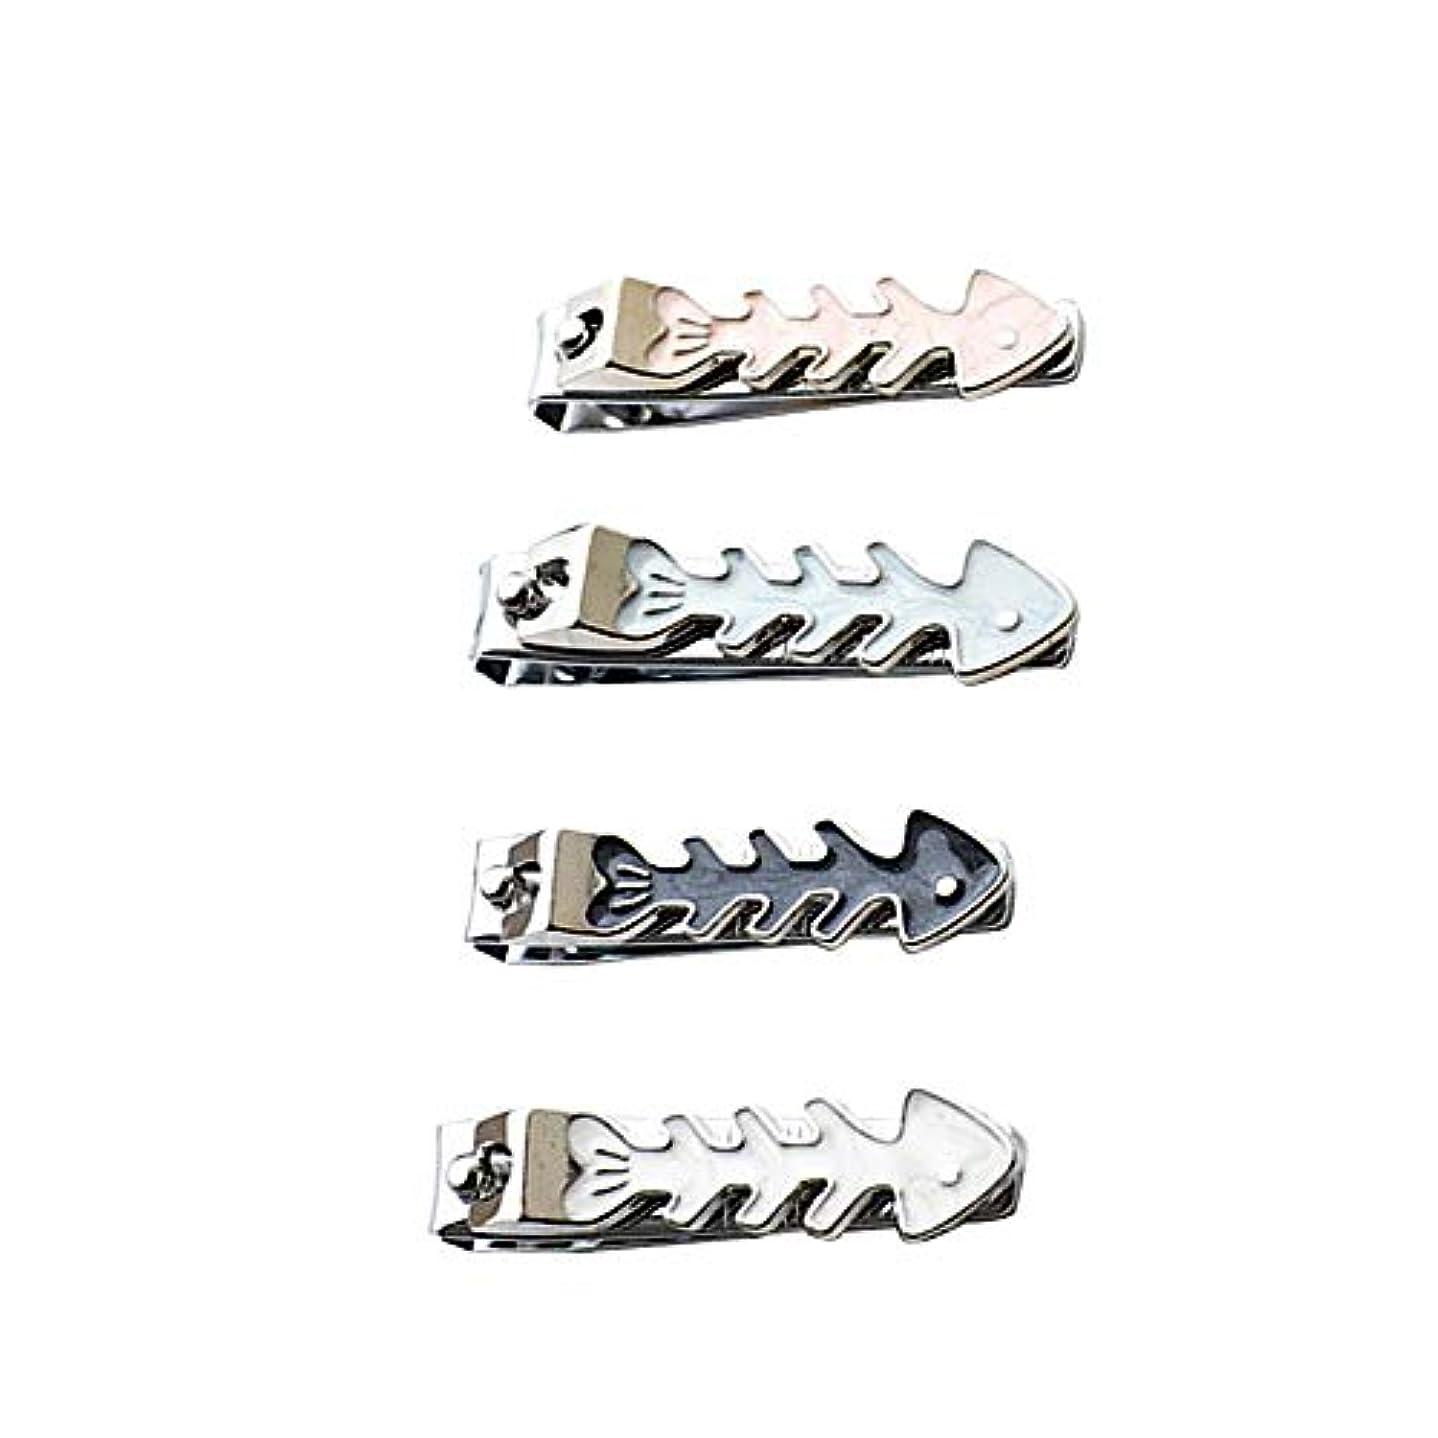 純粋な救急車いつアーク口爪切り漫画の爪切り魚の骨の形の爪切り携帯便利男女兼用爪切り、ランダムな色